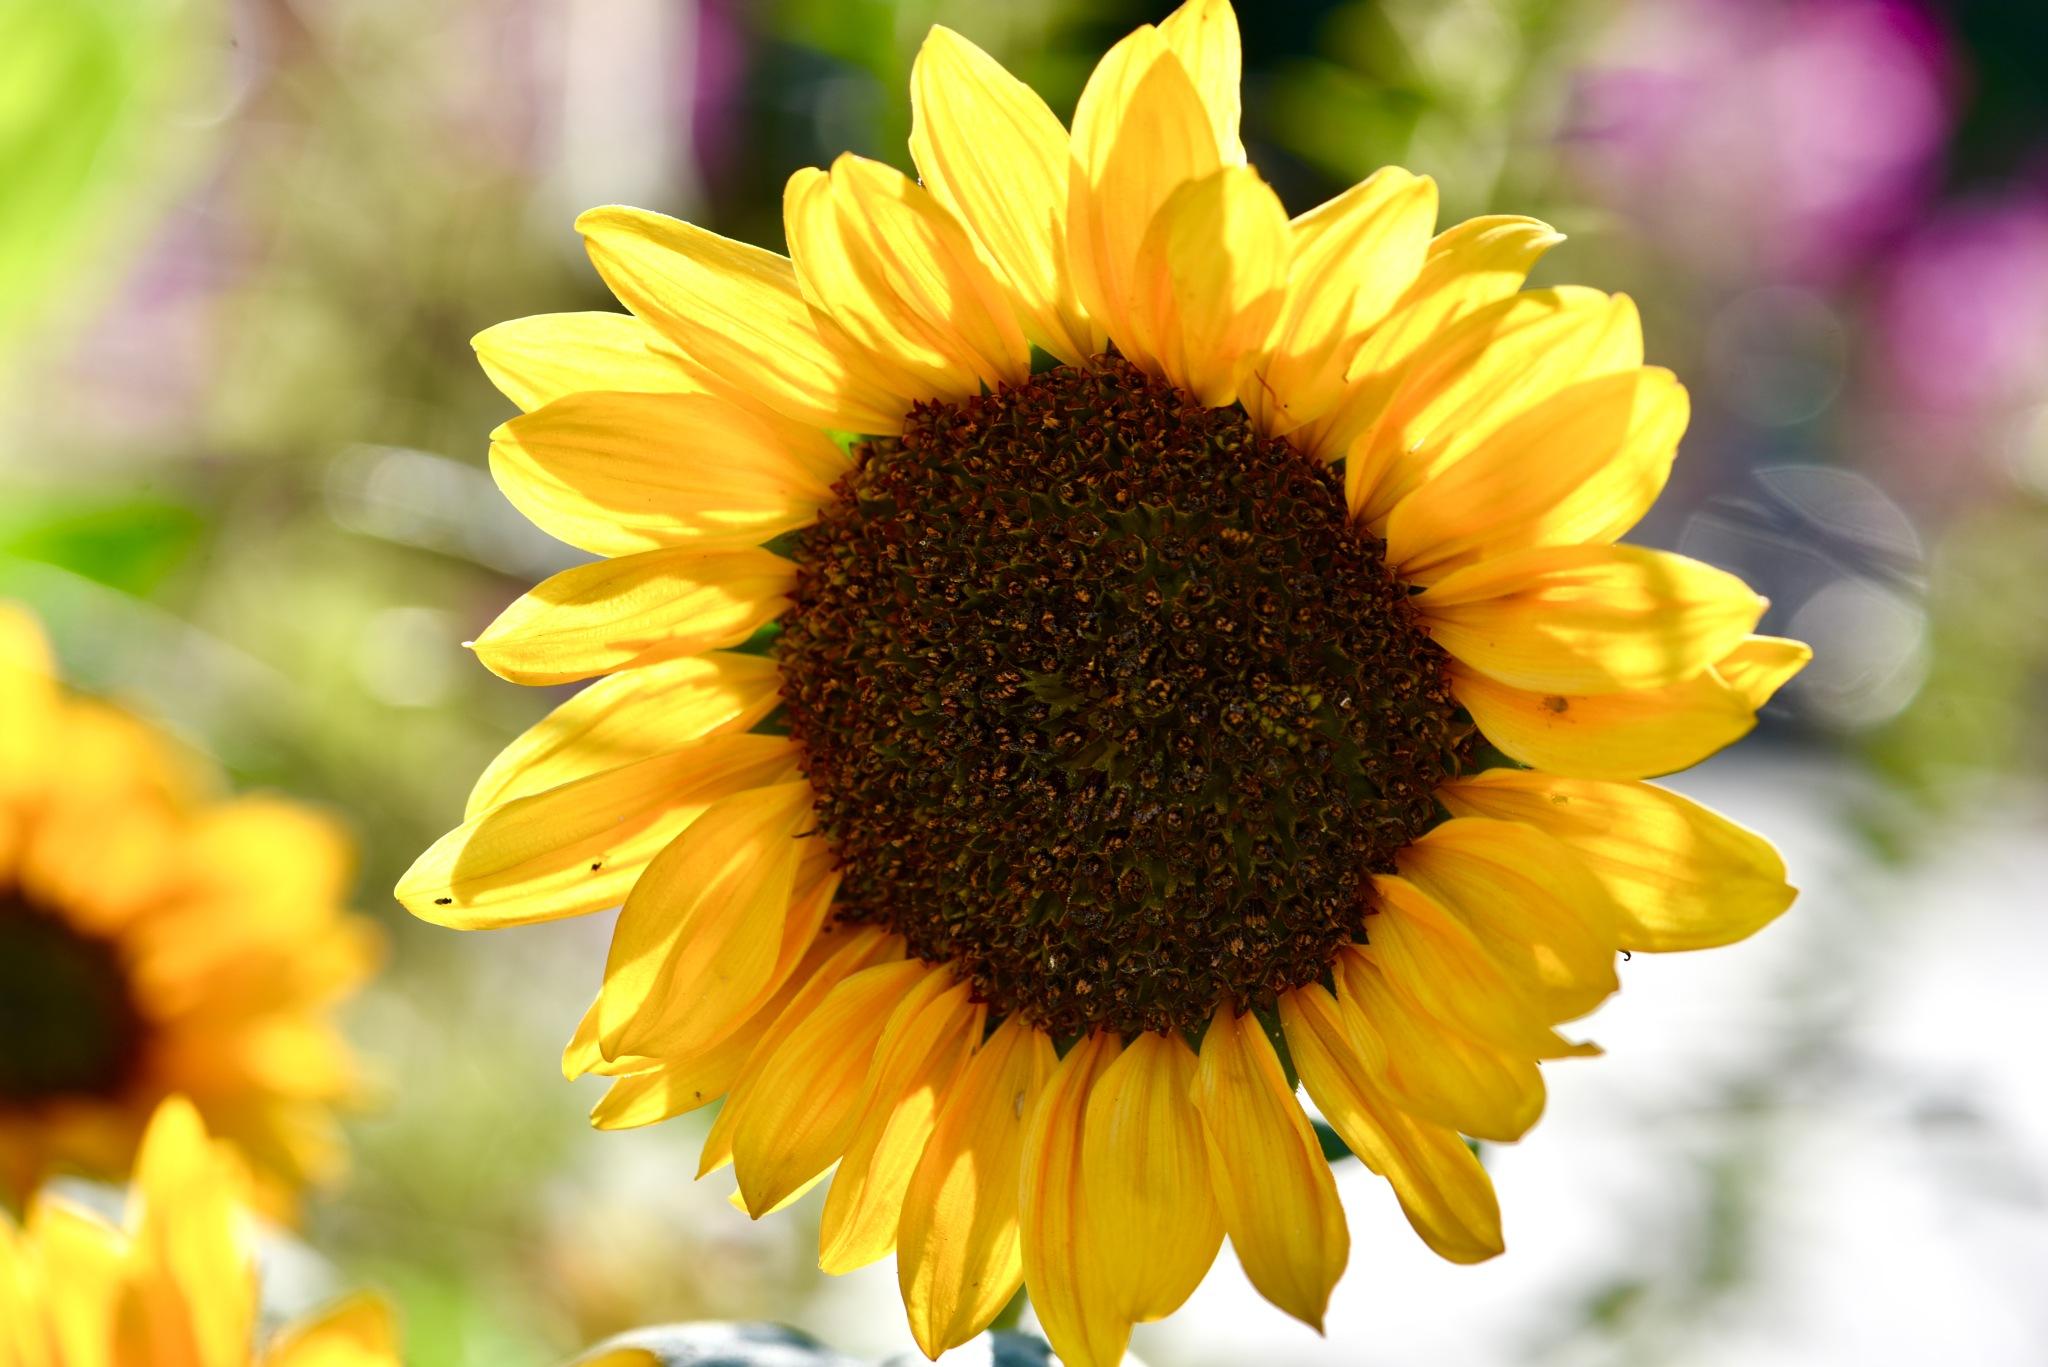 Sunflower 99! by Memed Bayatli